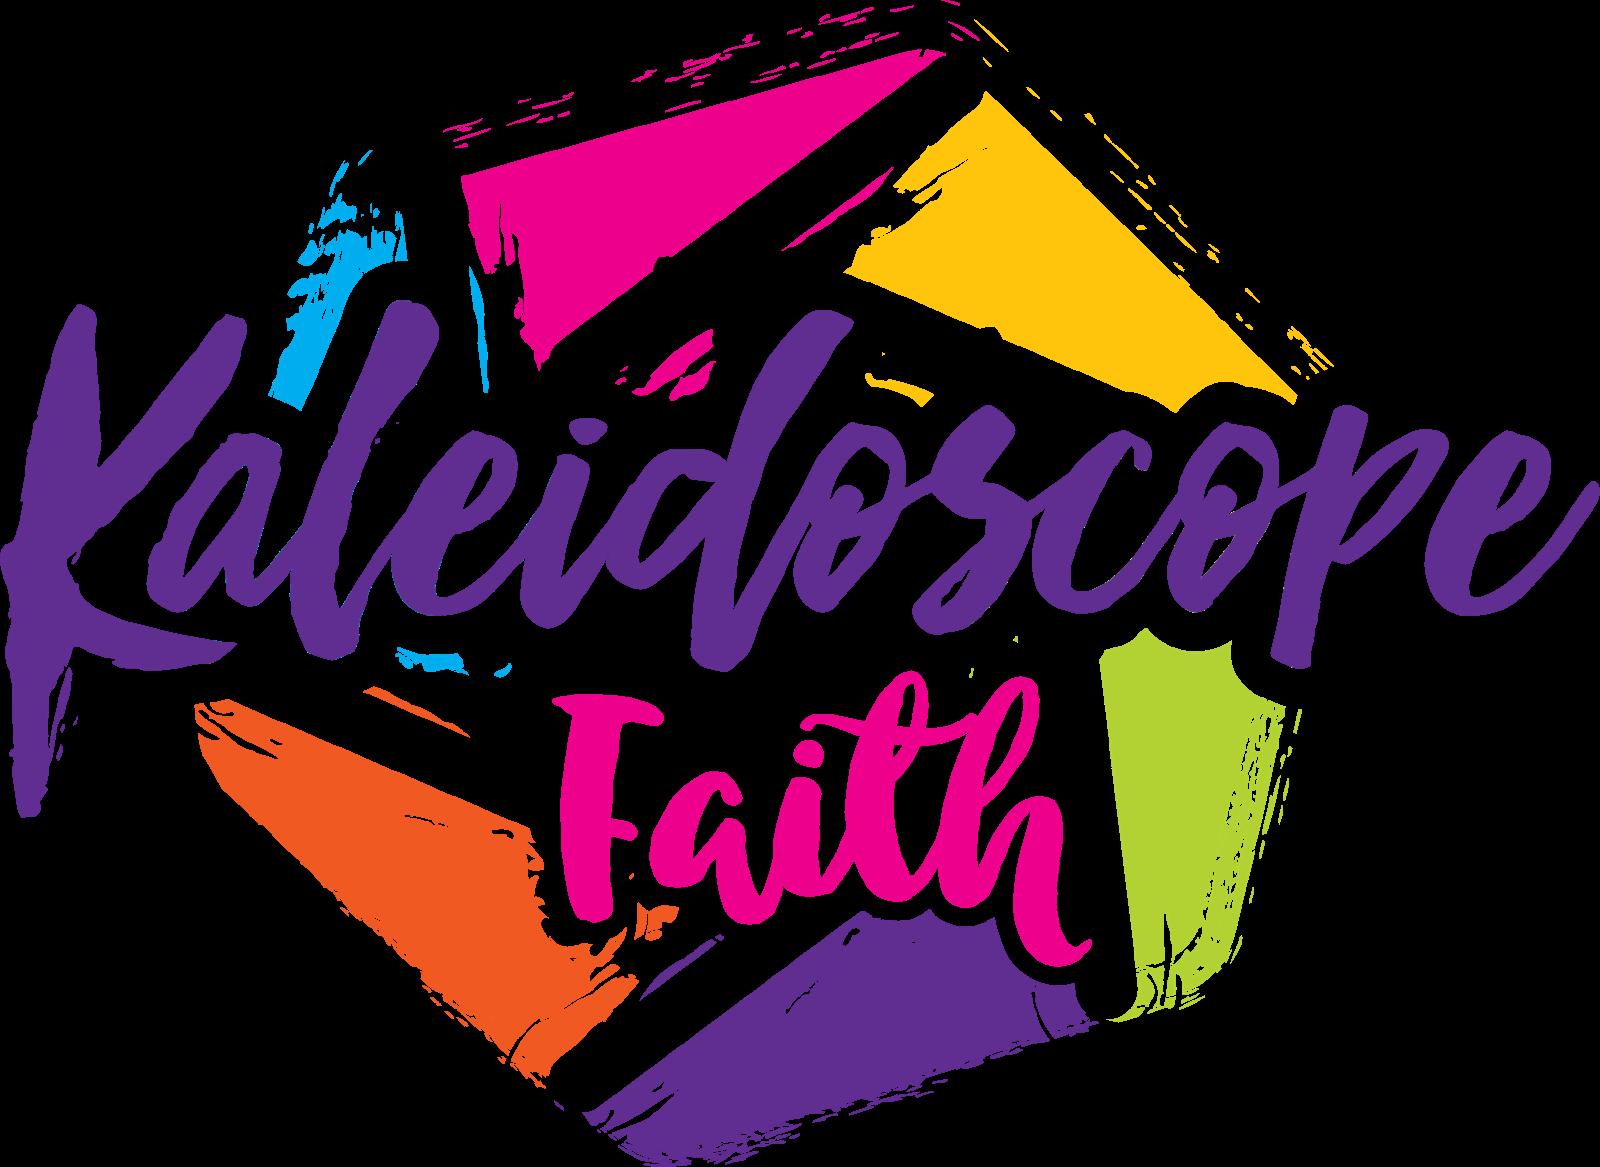 Kaleidoscope Faith